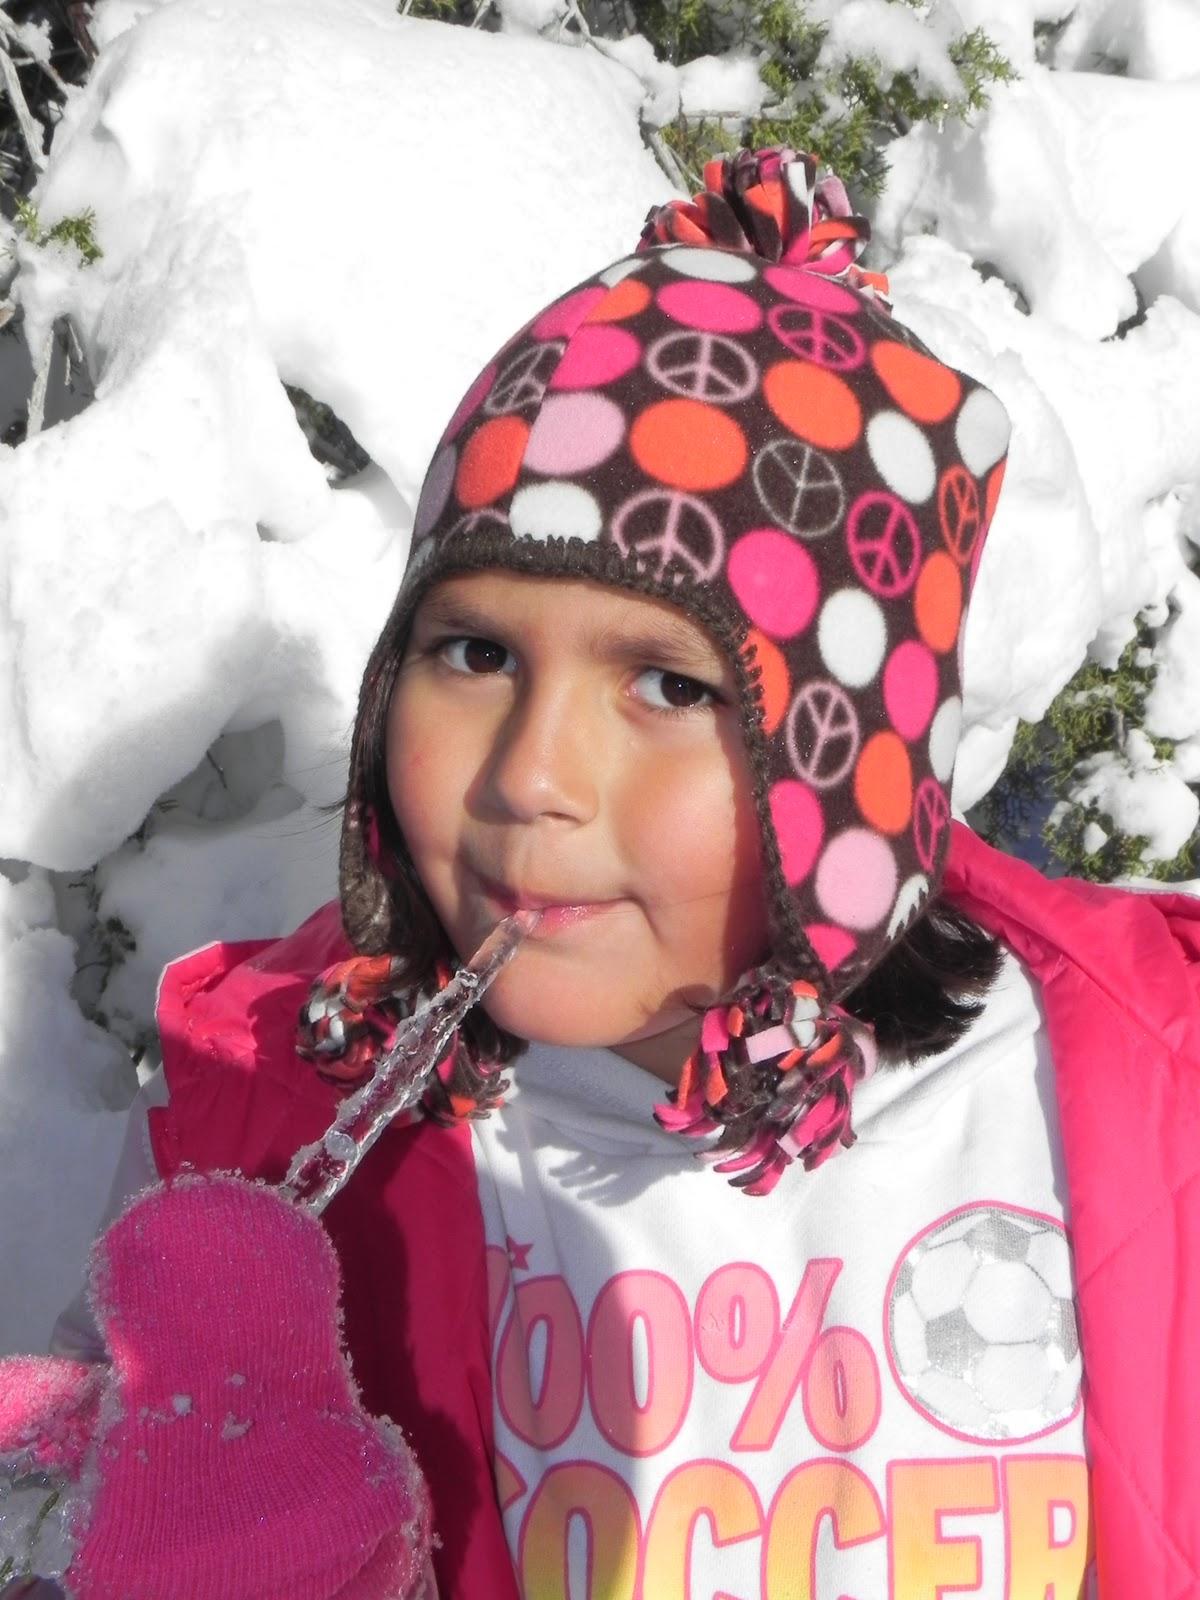 http://1.bp.blogspot.com/_-3jDwnpR3uY/TSACZI4uq3I/AAAAAAAAB88/_60gcScC75o/s1600/winter+2010+%257E+1-1-11+164.JPG